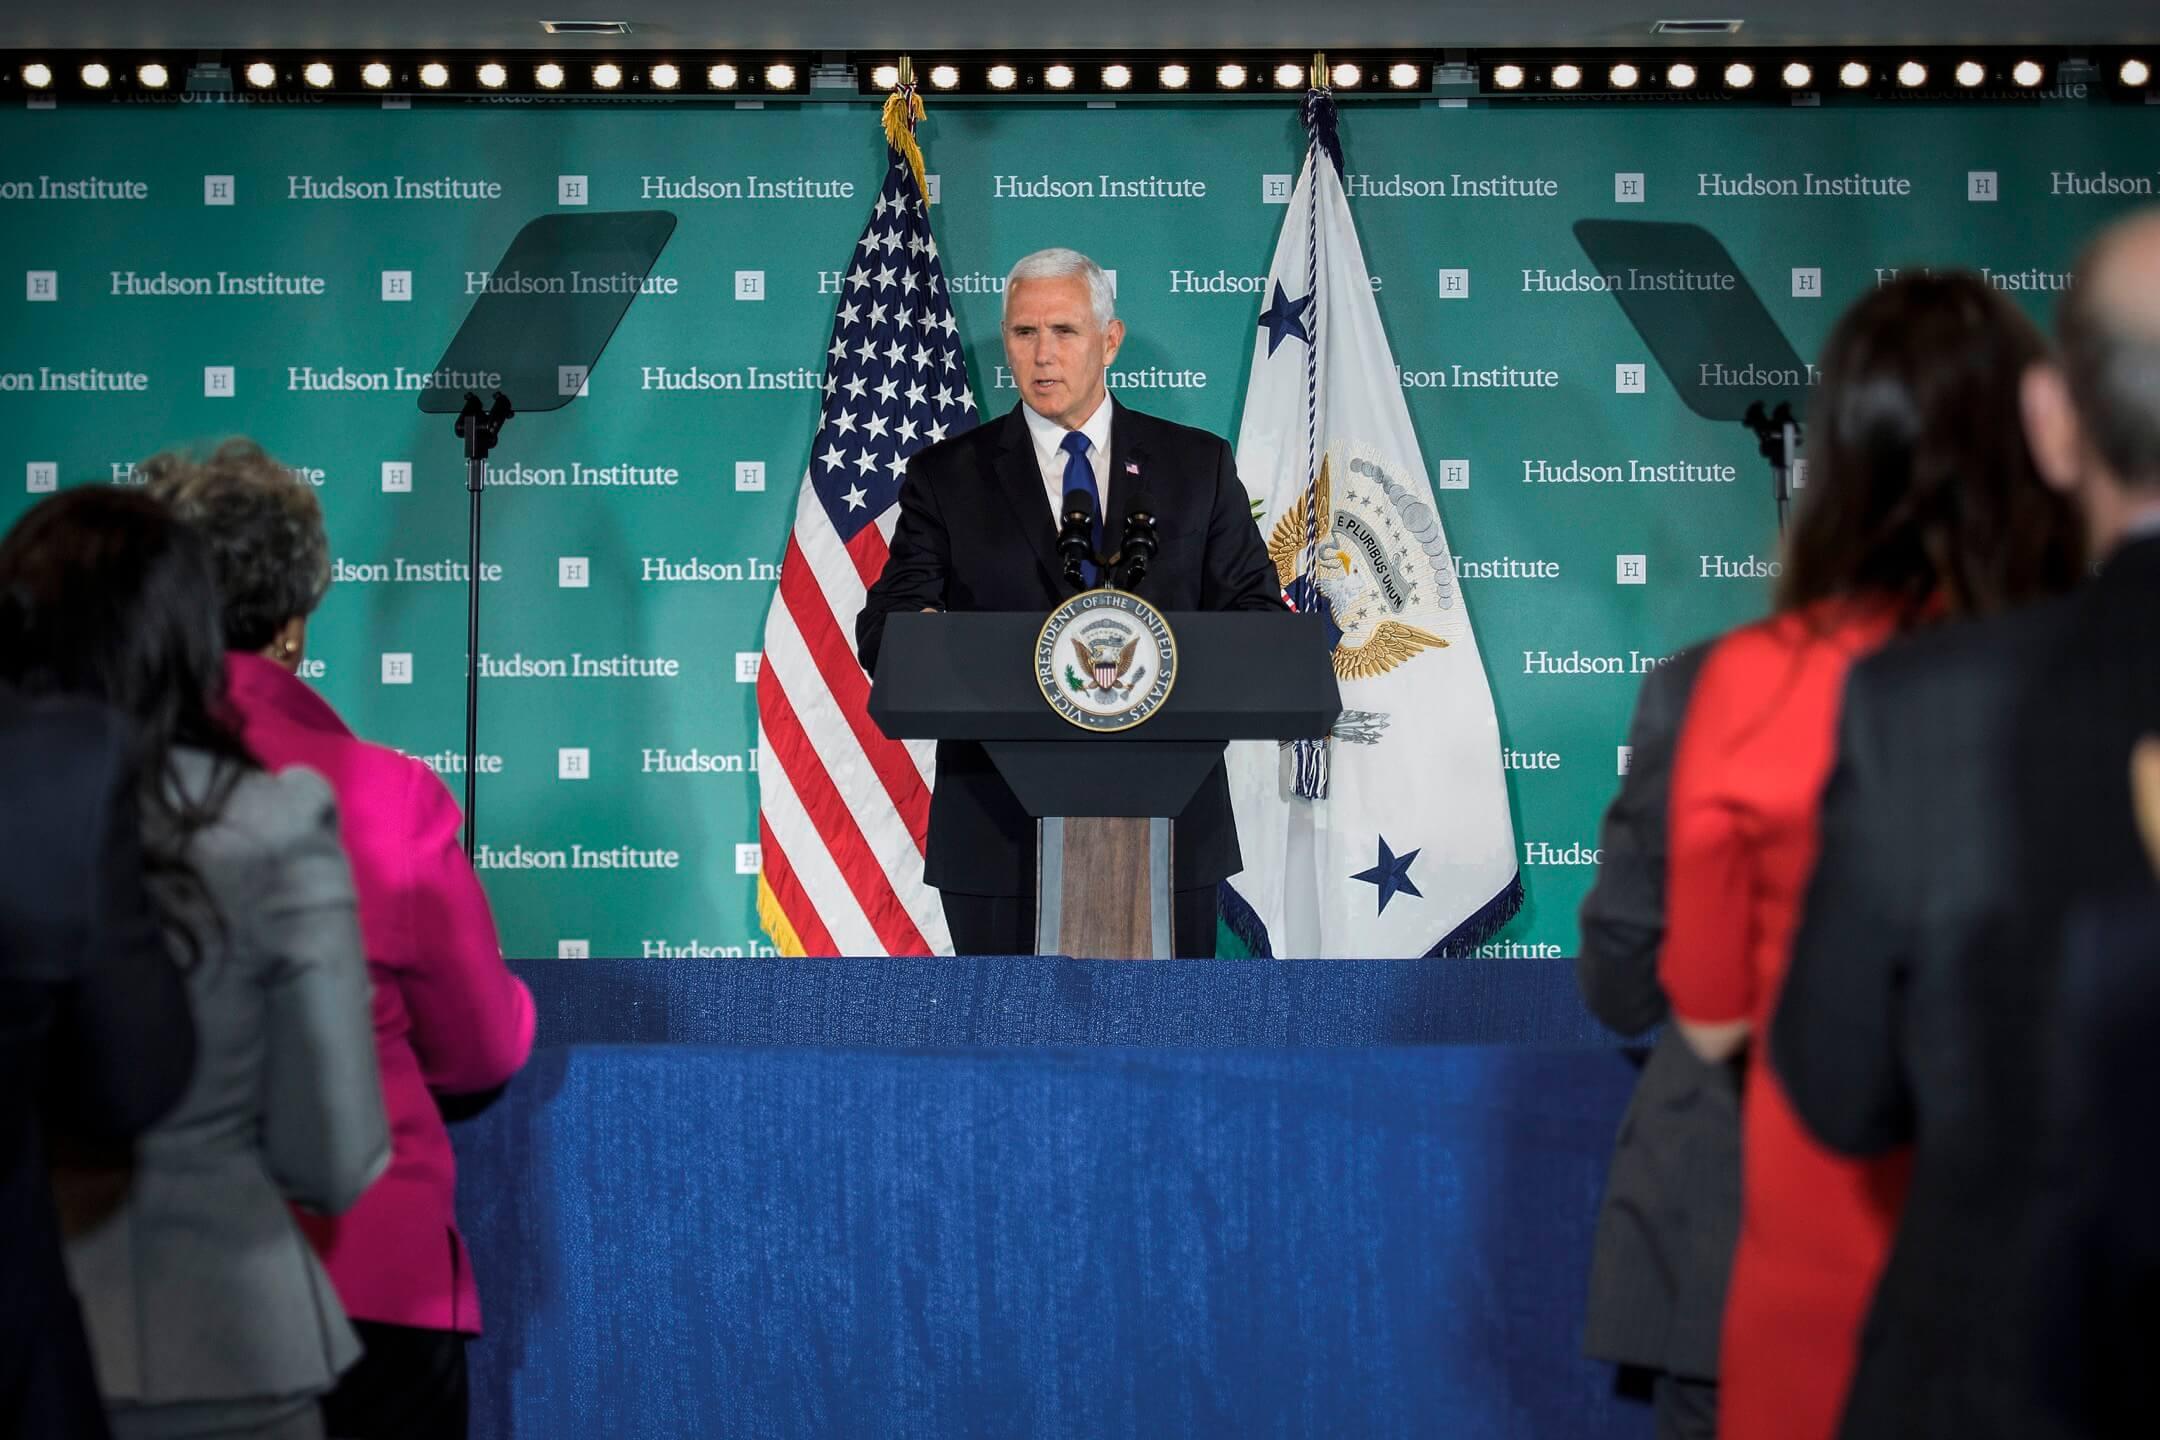 2018年10月4日,美國副總統彭斯(Mike Pence)在哈德遜研究院發表針對中國的長篇演講,批判中國軍事、外交等多項政策。  攝:Jim Watson/AFP/Getty Images